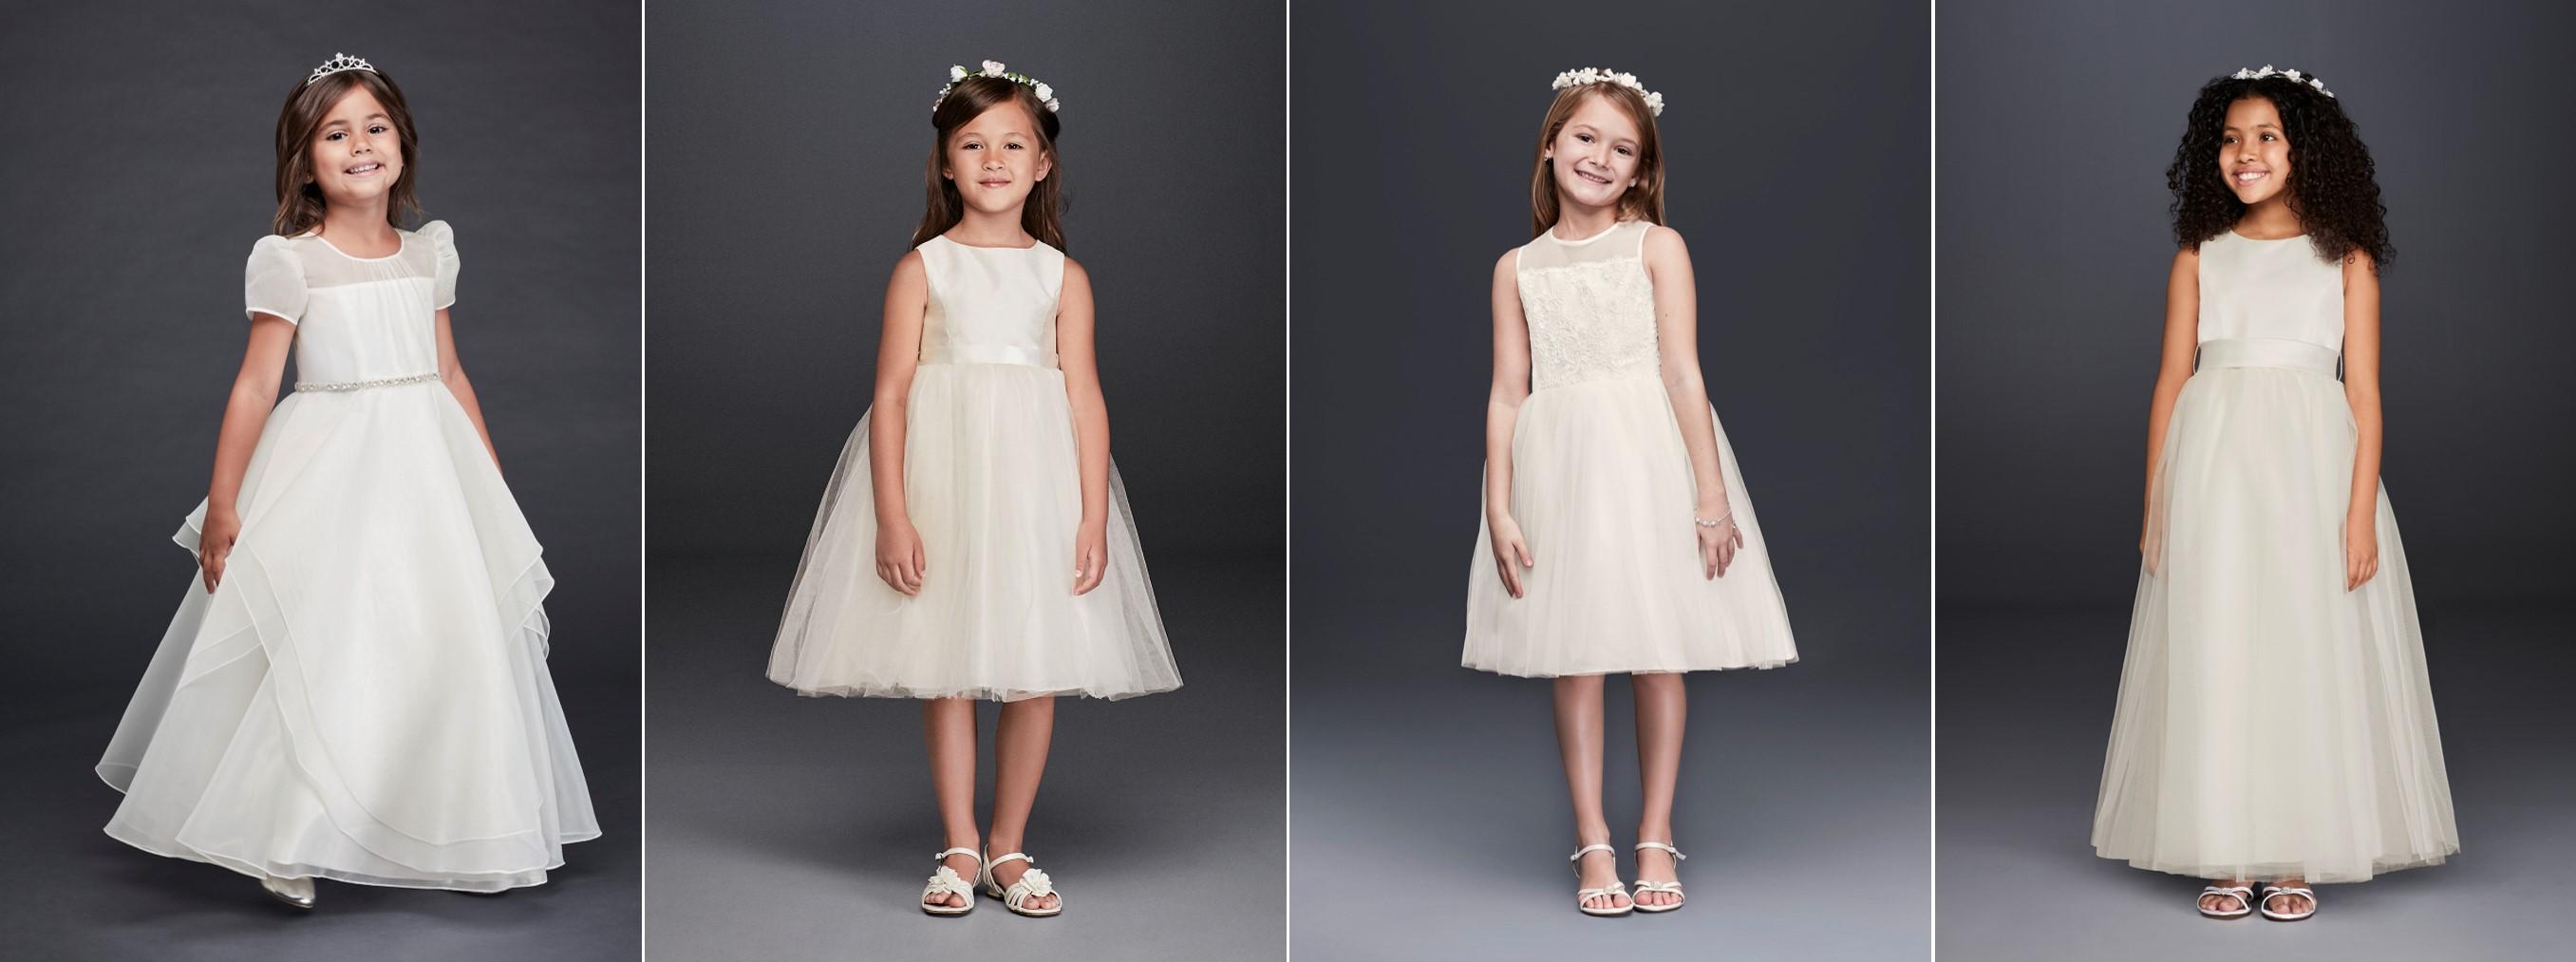 Girls in 4 short, white Meghan Markle flower girl look a like dresses